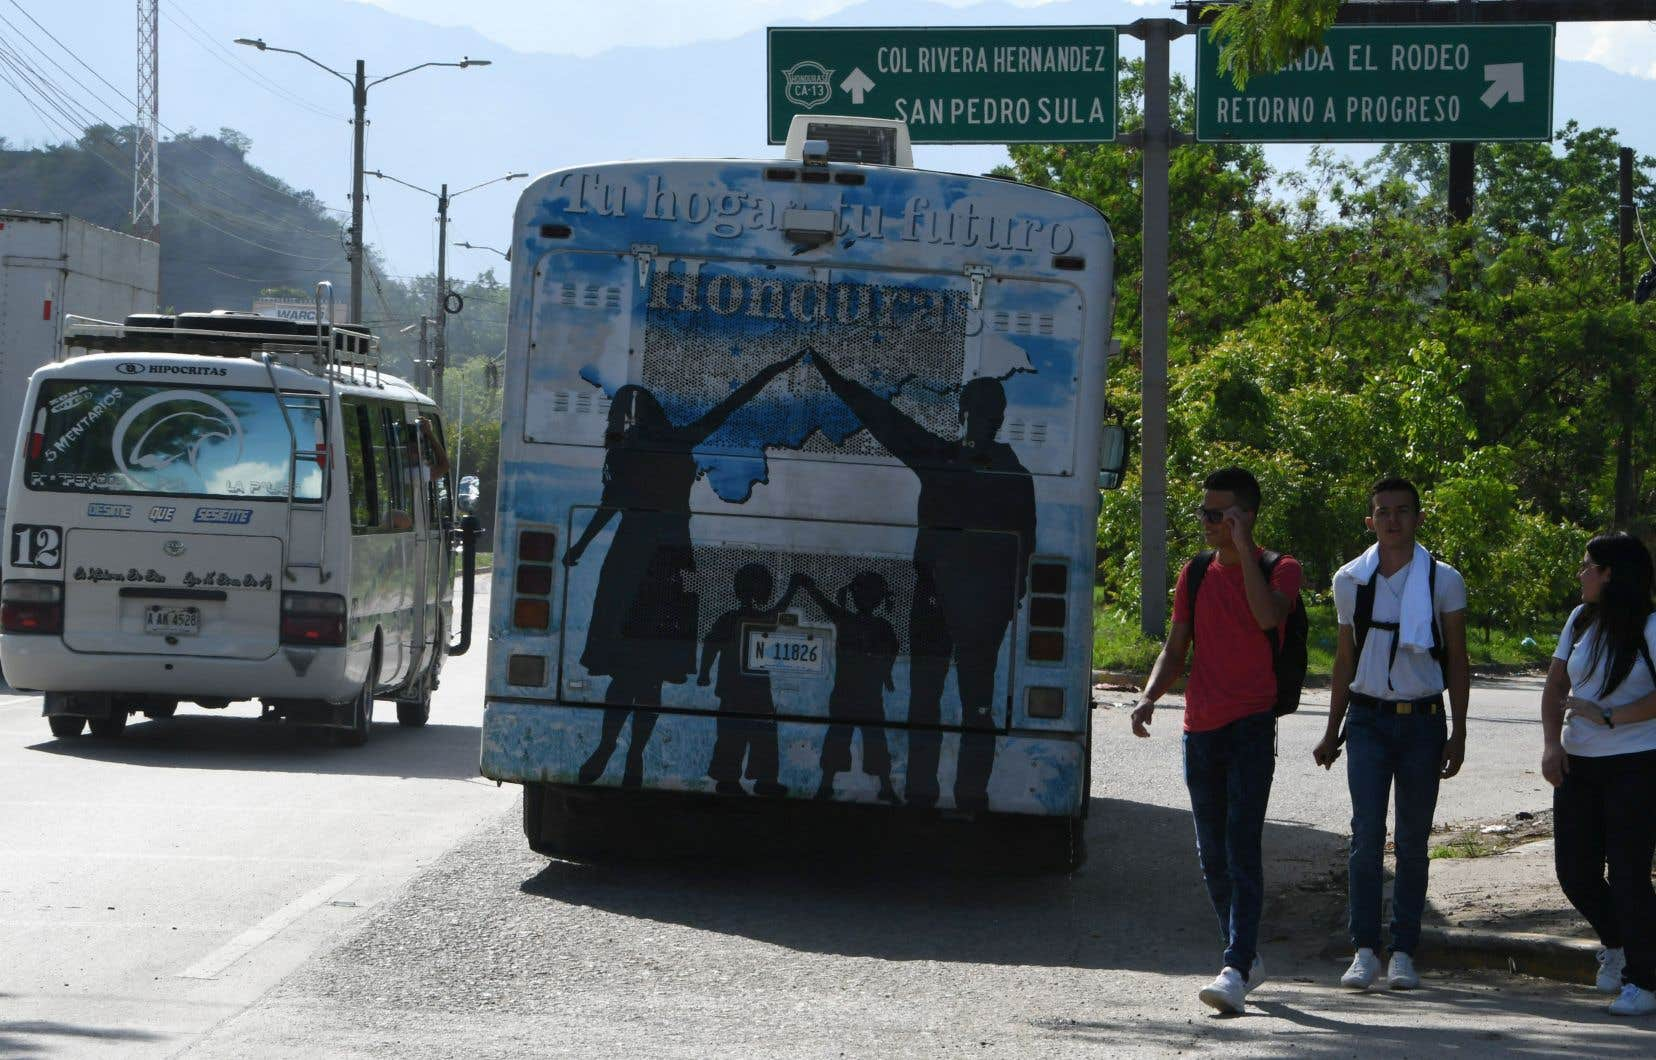 Trois jeunes immigrants honduriens sortent de l'aéroport de San Pedro Sula après avoir été expulsés des États-Unis, vendredi.